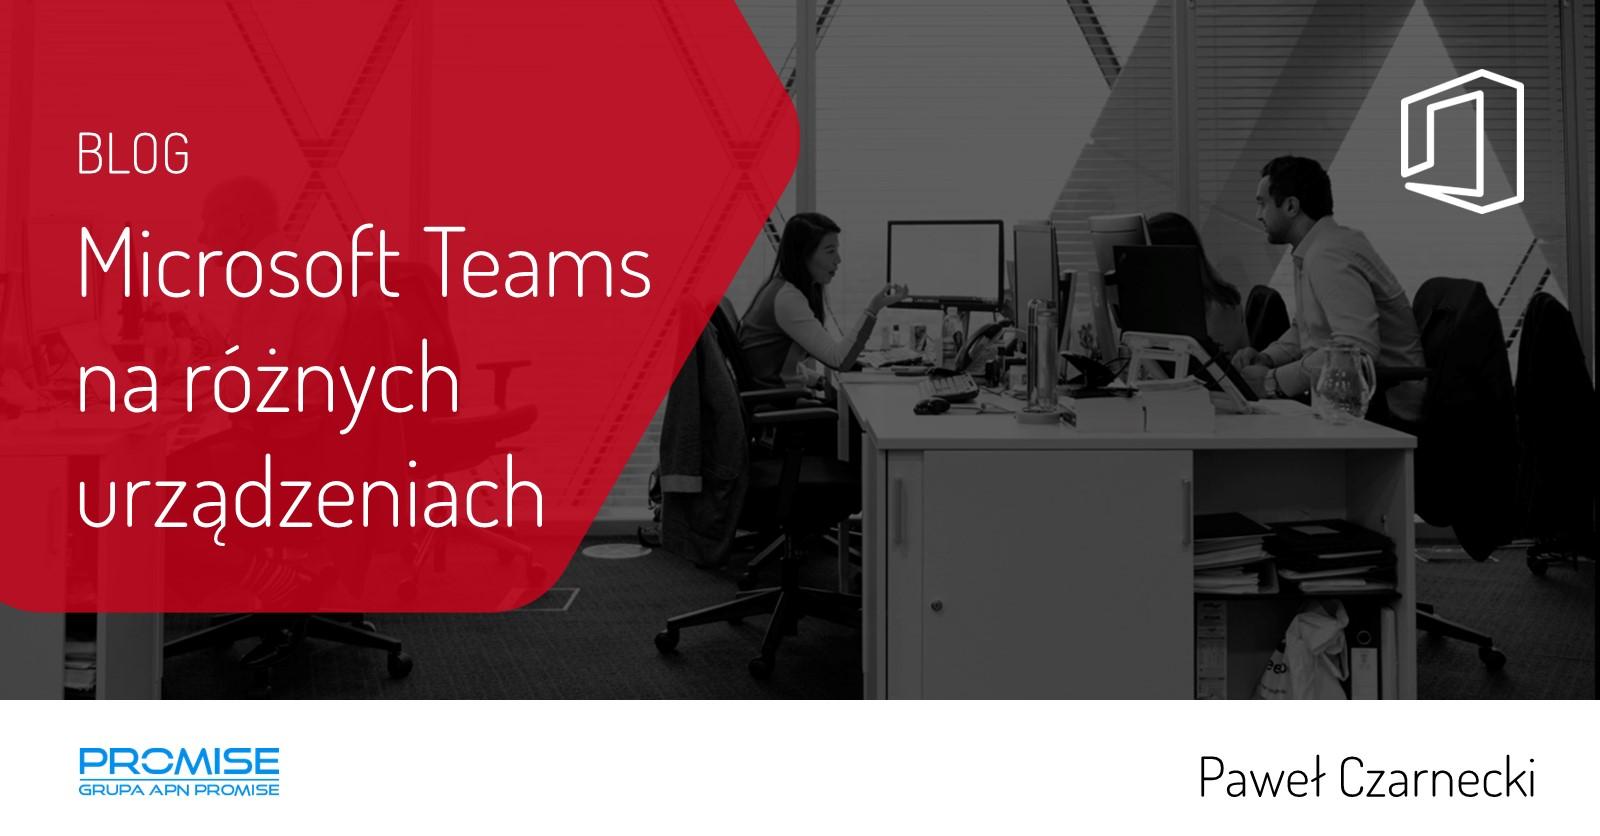 Microsoft Teams na urządzeniach